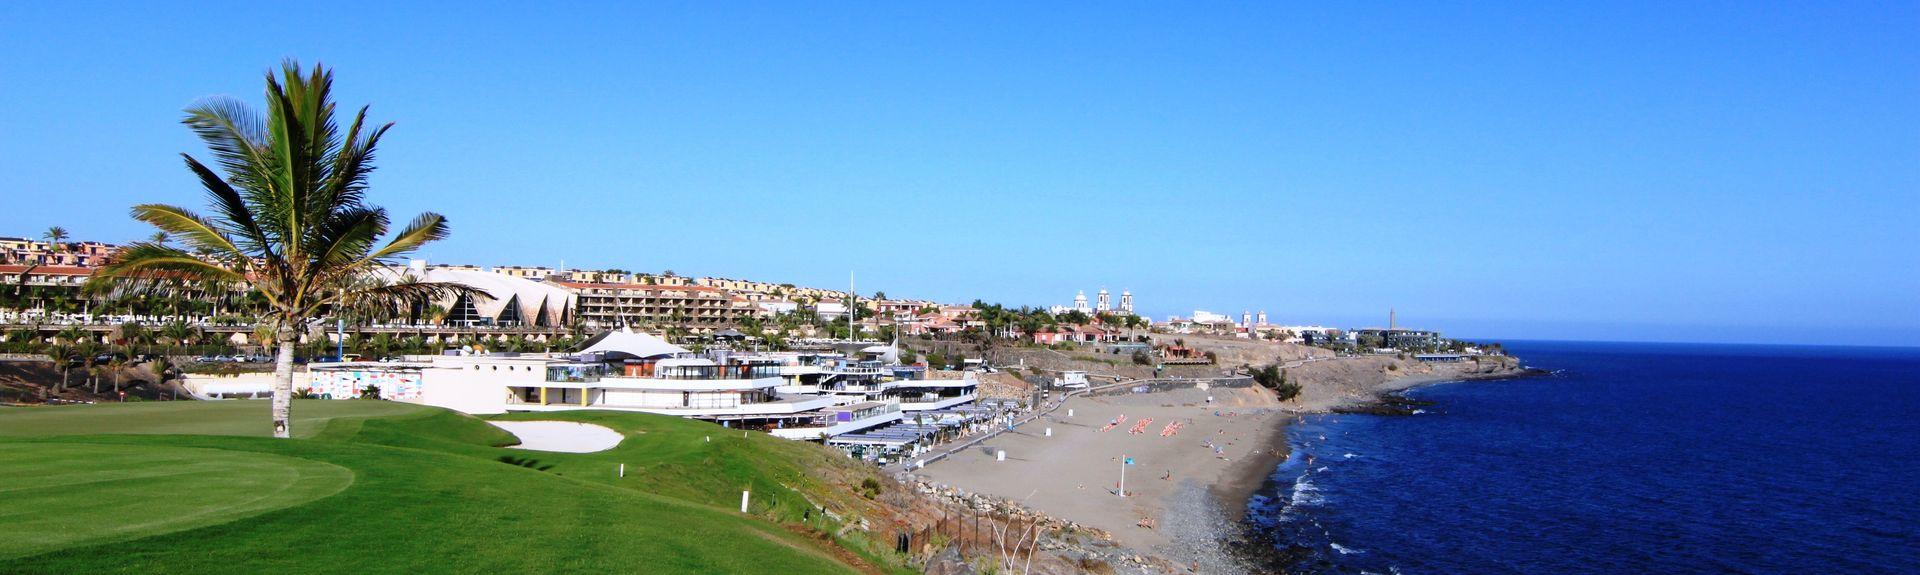 Salobre Golf Resort, Maspalomas, Kanarieöarna, Spanien